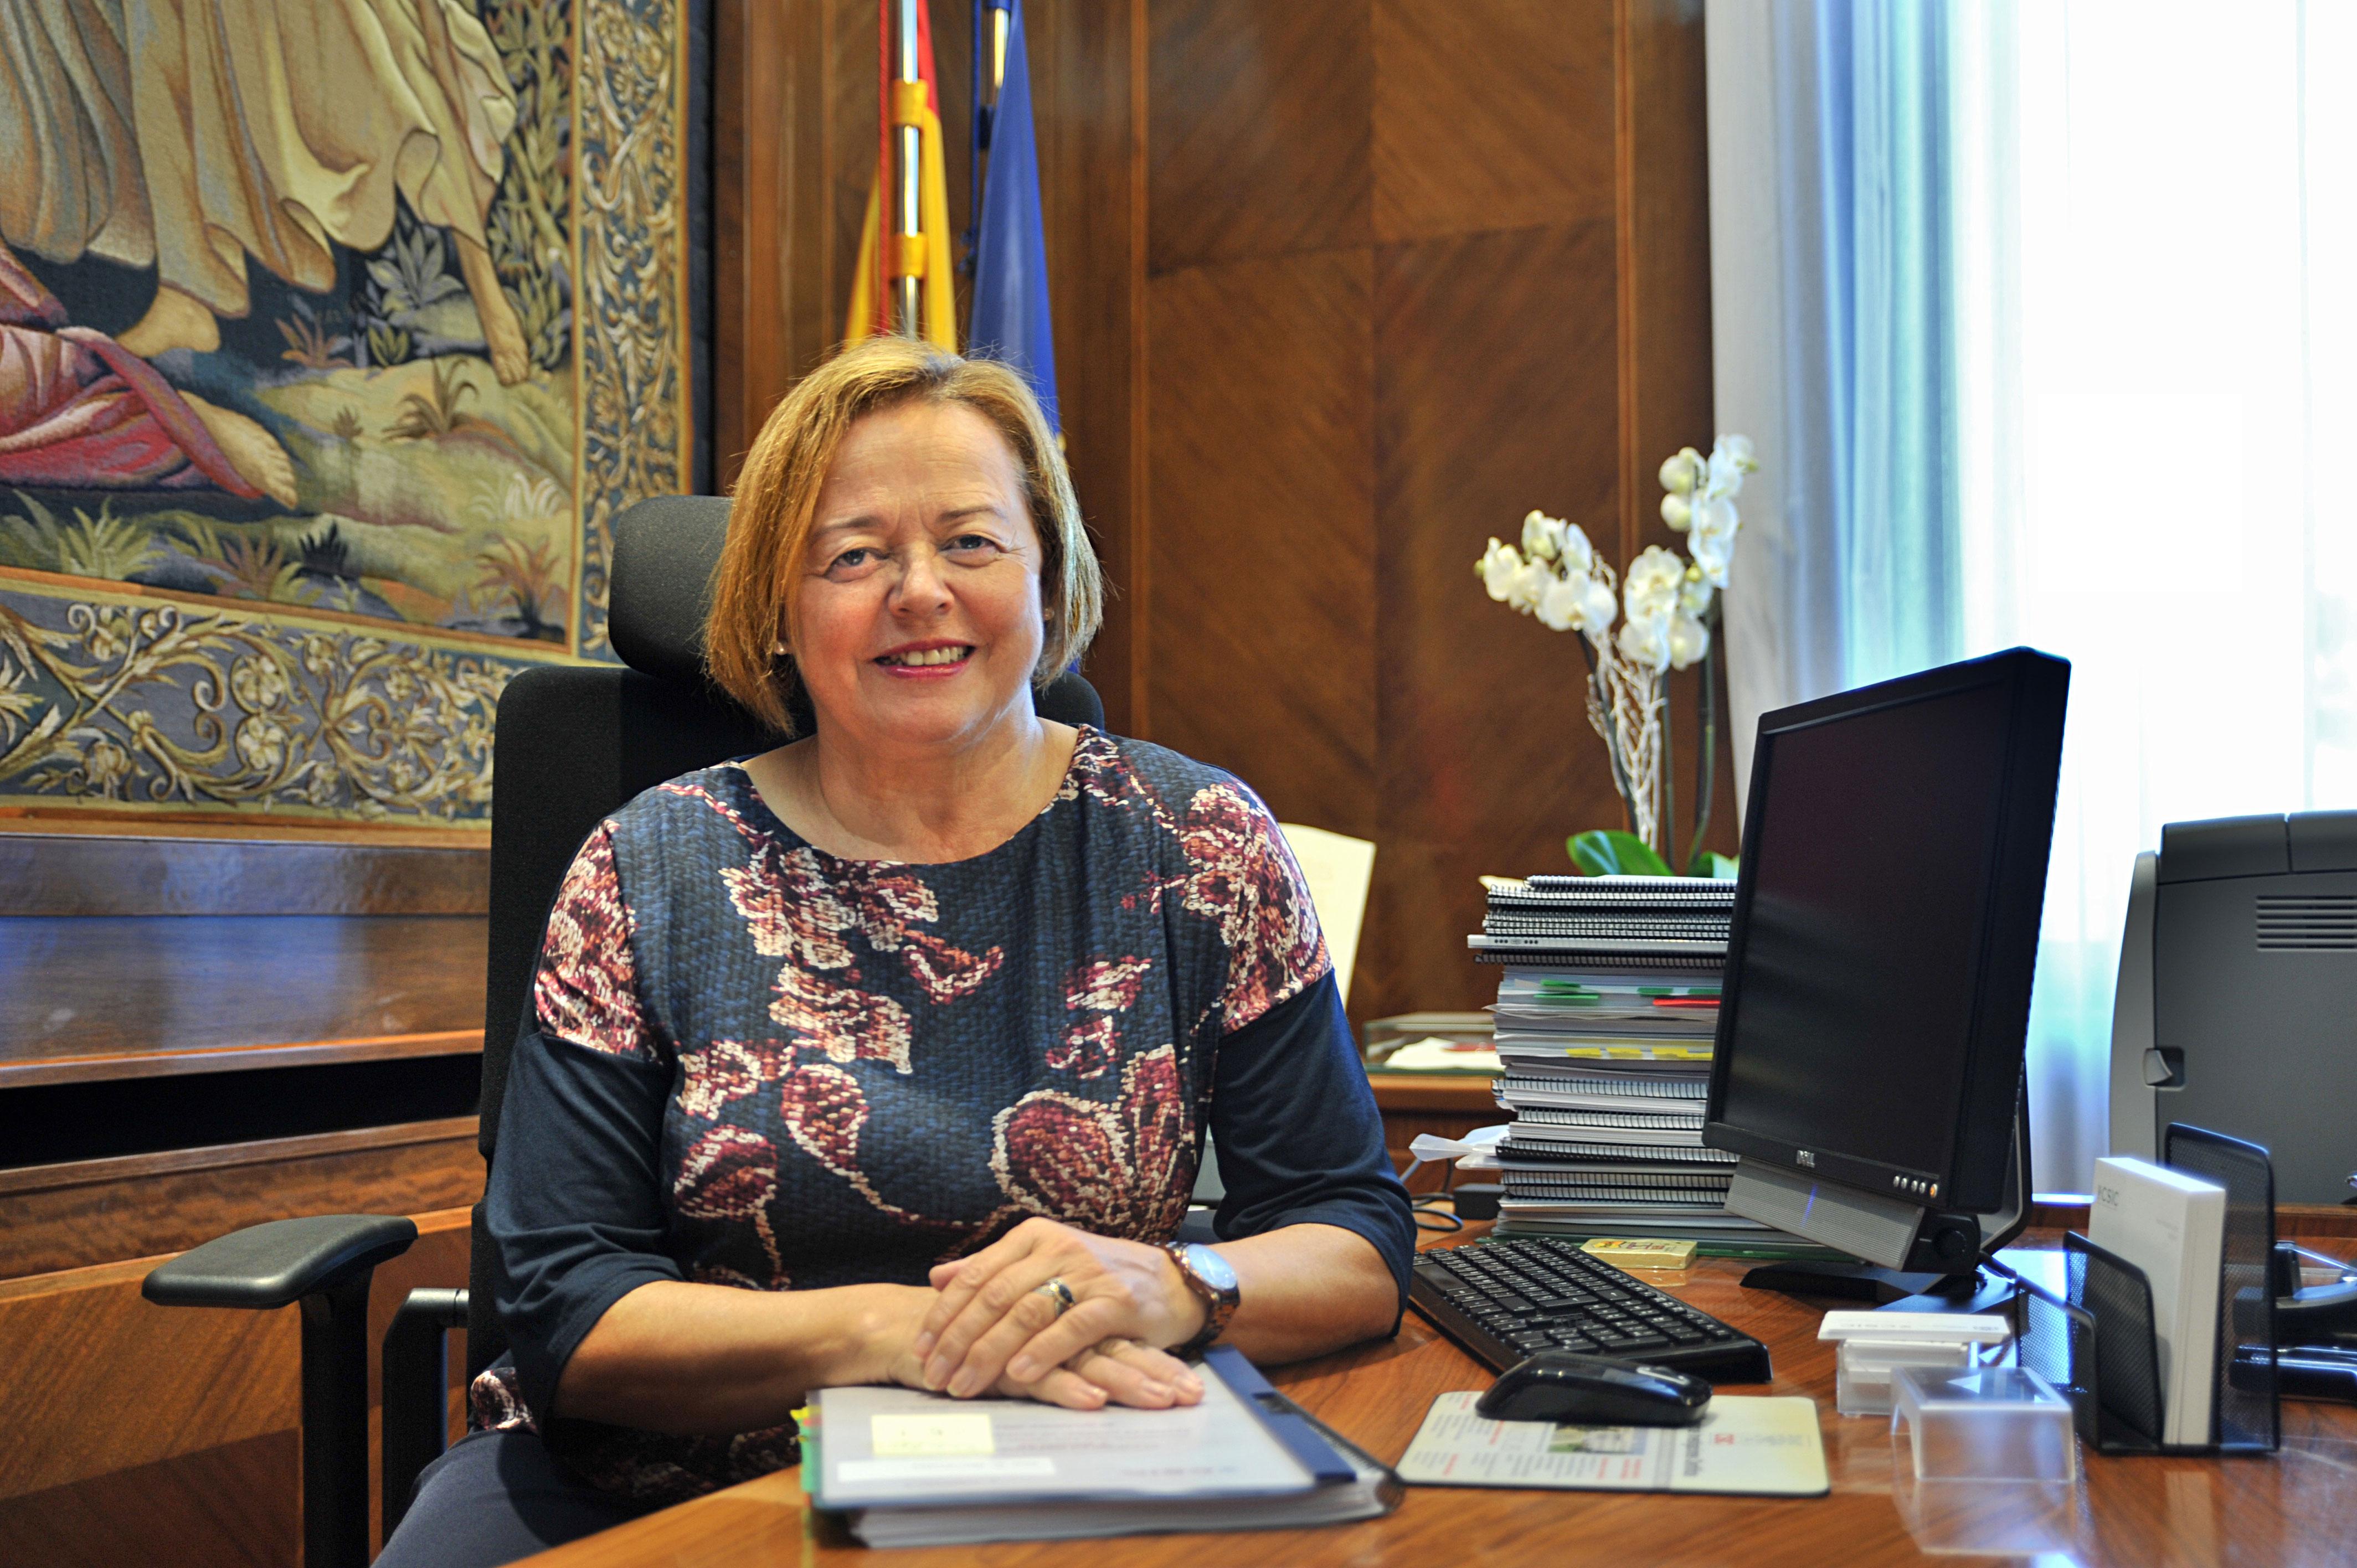 imagen de Rosa Menéndez ha sido reelegida vicepresidenta de Science Europe durante la XVIII Asamblea General de la asociación, celebrada el 27 de noviembre en Bruselas./ CSIC Comunicación